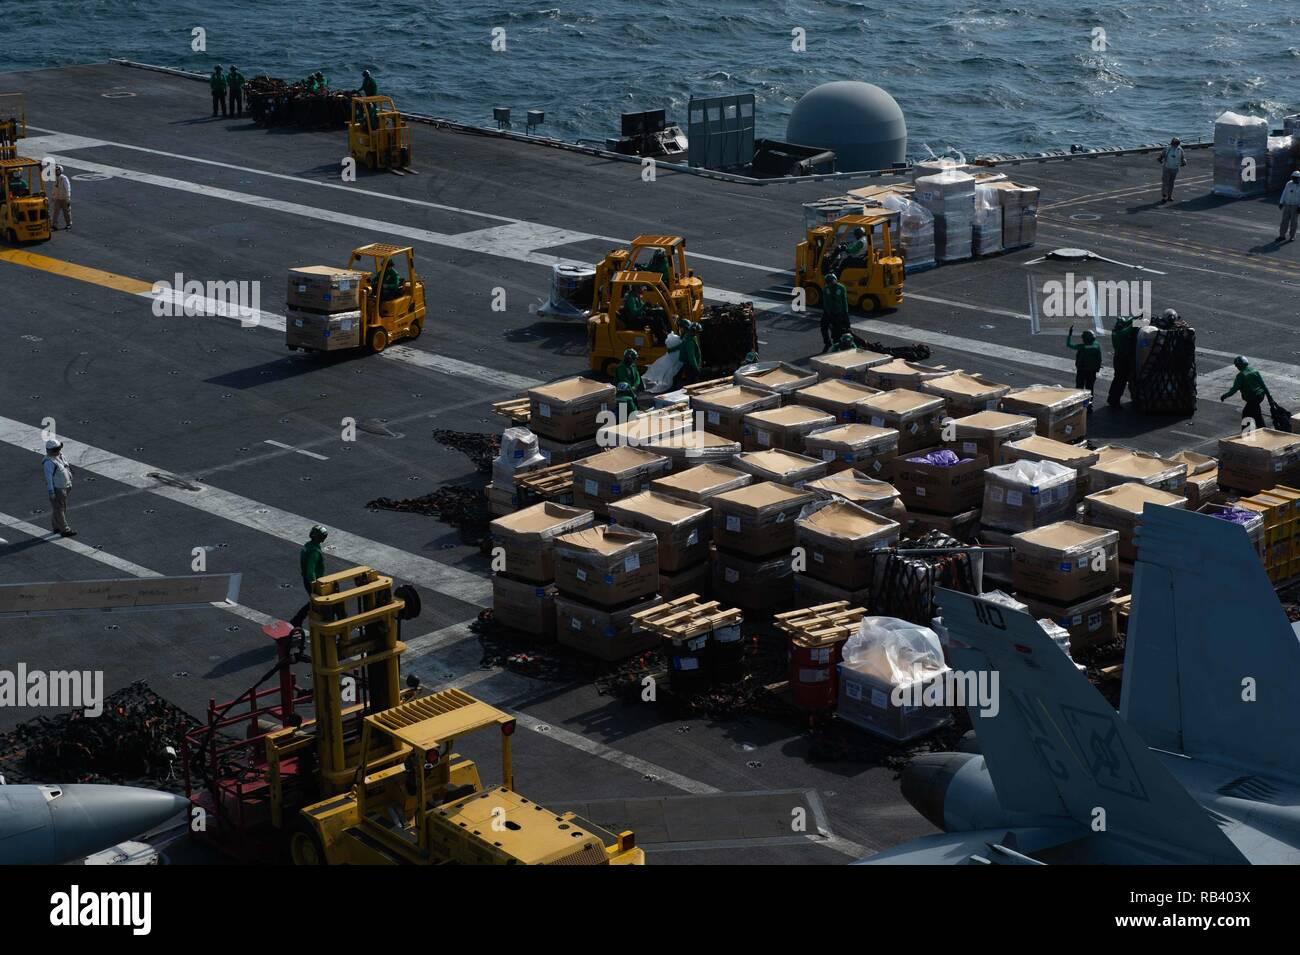 Les marins américains organiser au cours d'un cargo de ravitaillement vertical sur le pont du porte-avions USS JOHN C. STENNIS (CVN 74) dans la région du Golfe, le 4 janvier 2019. Le John C. Stennis dans le groupe est déployé pour la 5e flotte américaine zone d'opérations à l'appui des opérations navales pour assurer la stabilité et la sécurité maritime dans la région Centrale, reliant la Méditerranée et le Pacifique à travers l'ouest de l'Océan indien et trois points d'étranglement stratégiques. (US Navy photo de Mass Communication Specialist Seaman Apprentice Jordanie Ripley) Photo Stock